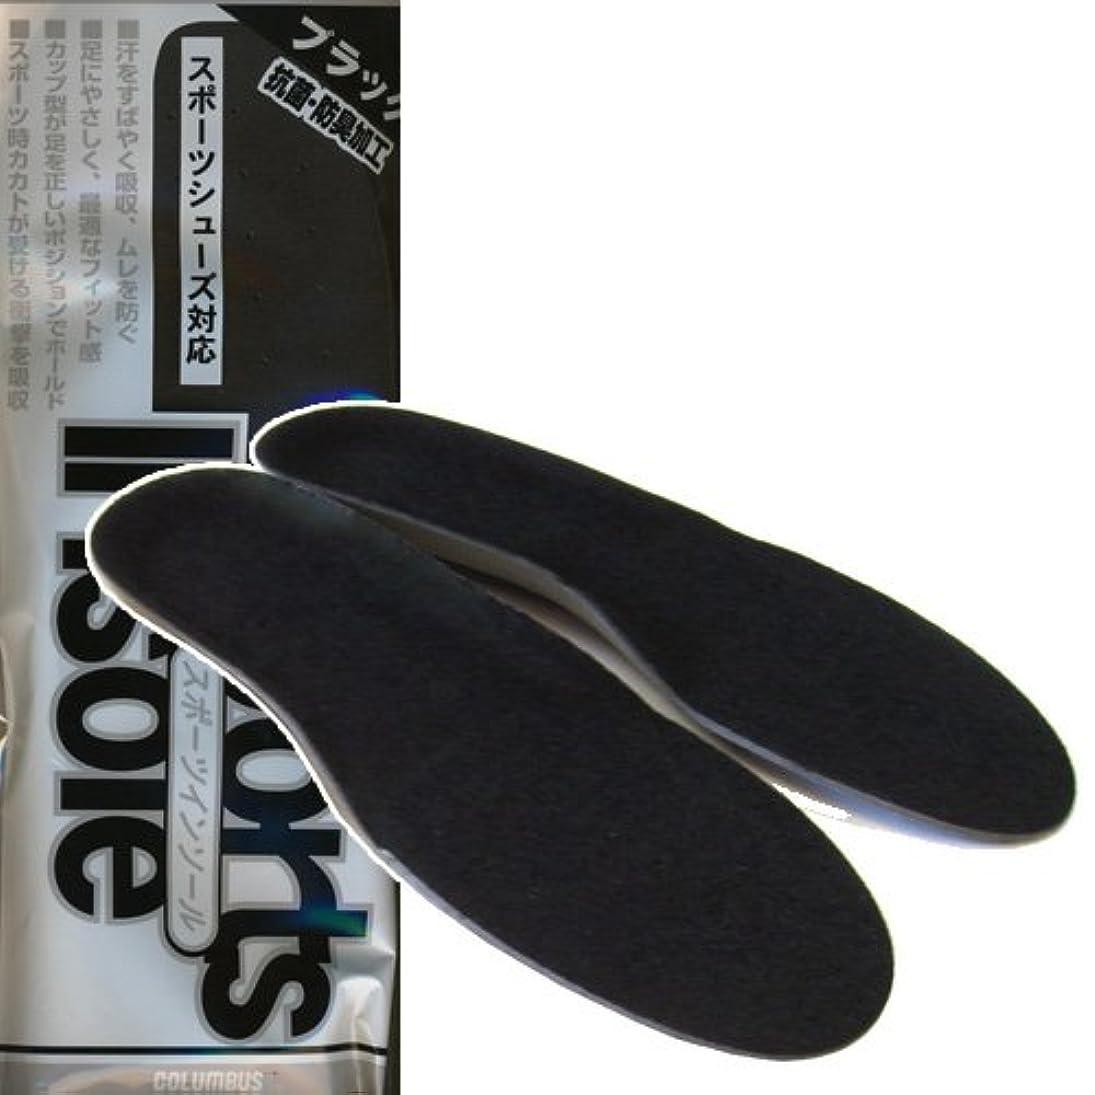 火星プレビスサイトお金コロンブス スポーツインソール ブラック 女性用 フリーサイズ(22.0~25.0cm)